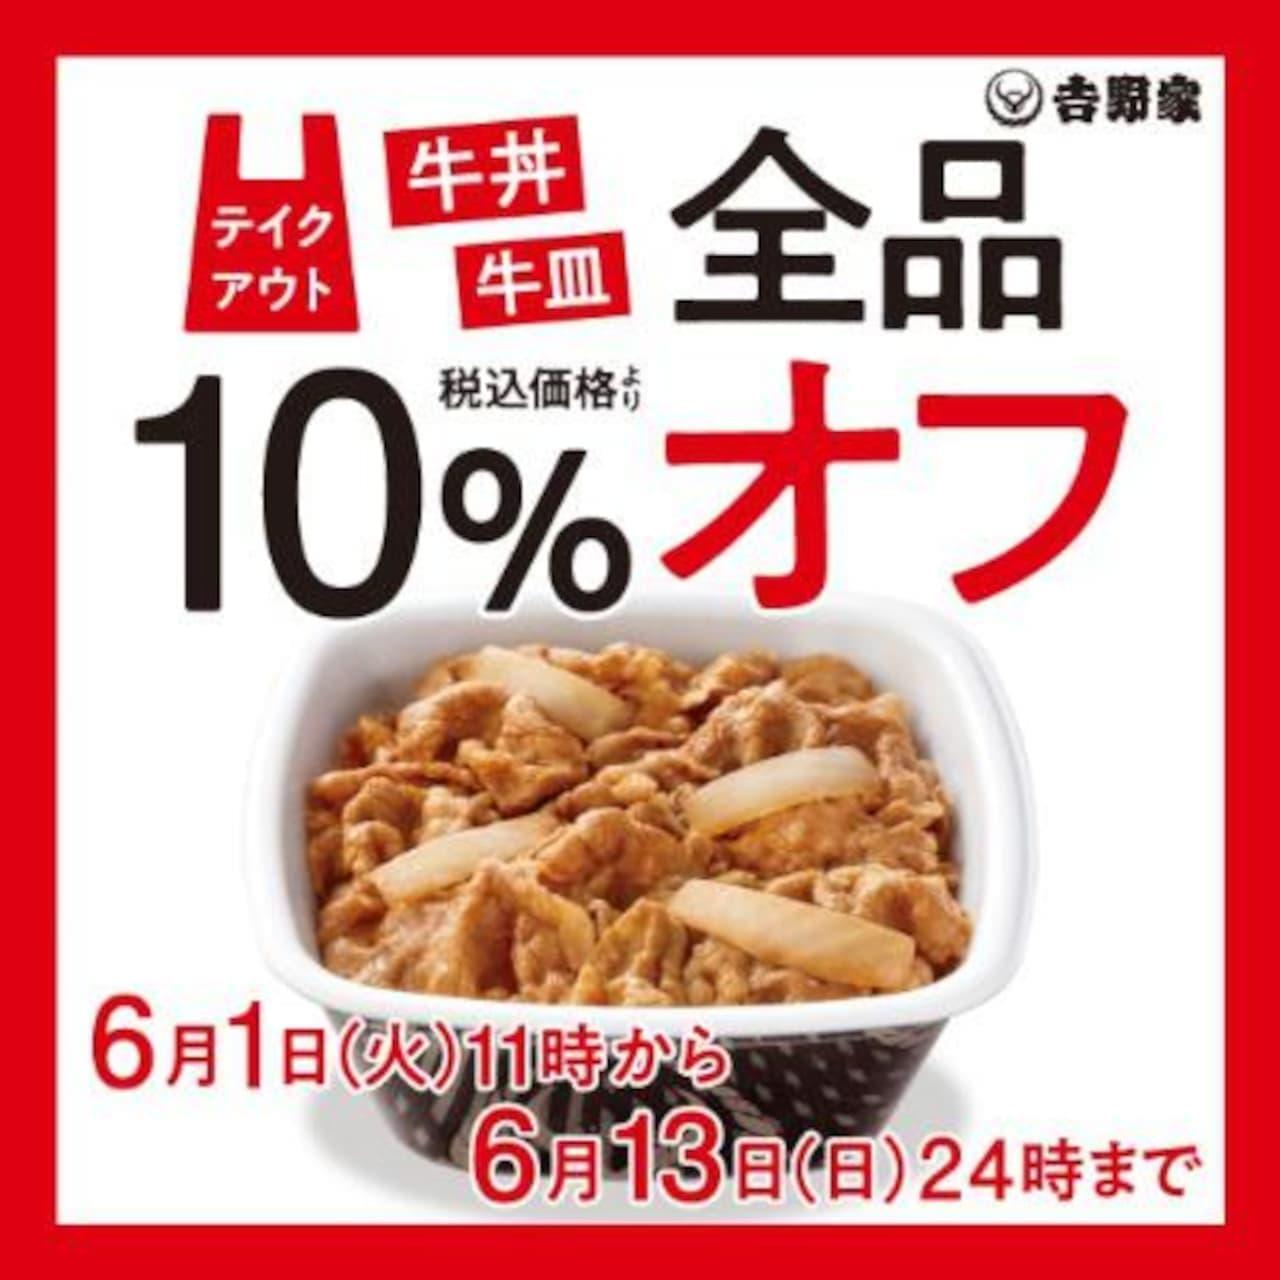 「牛丼・牛皿全品テイクアウト 10%オフキャンペーン」吉野家